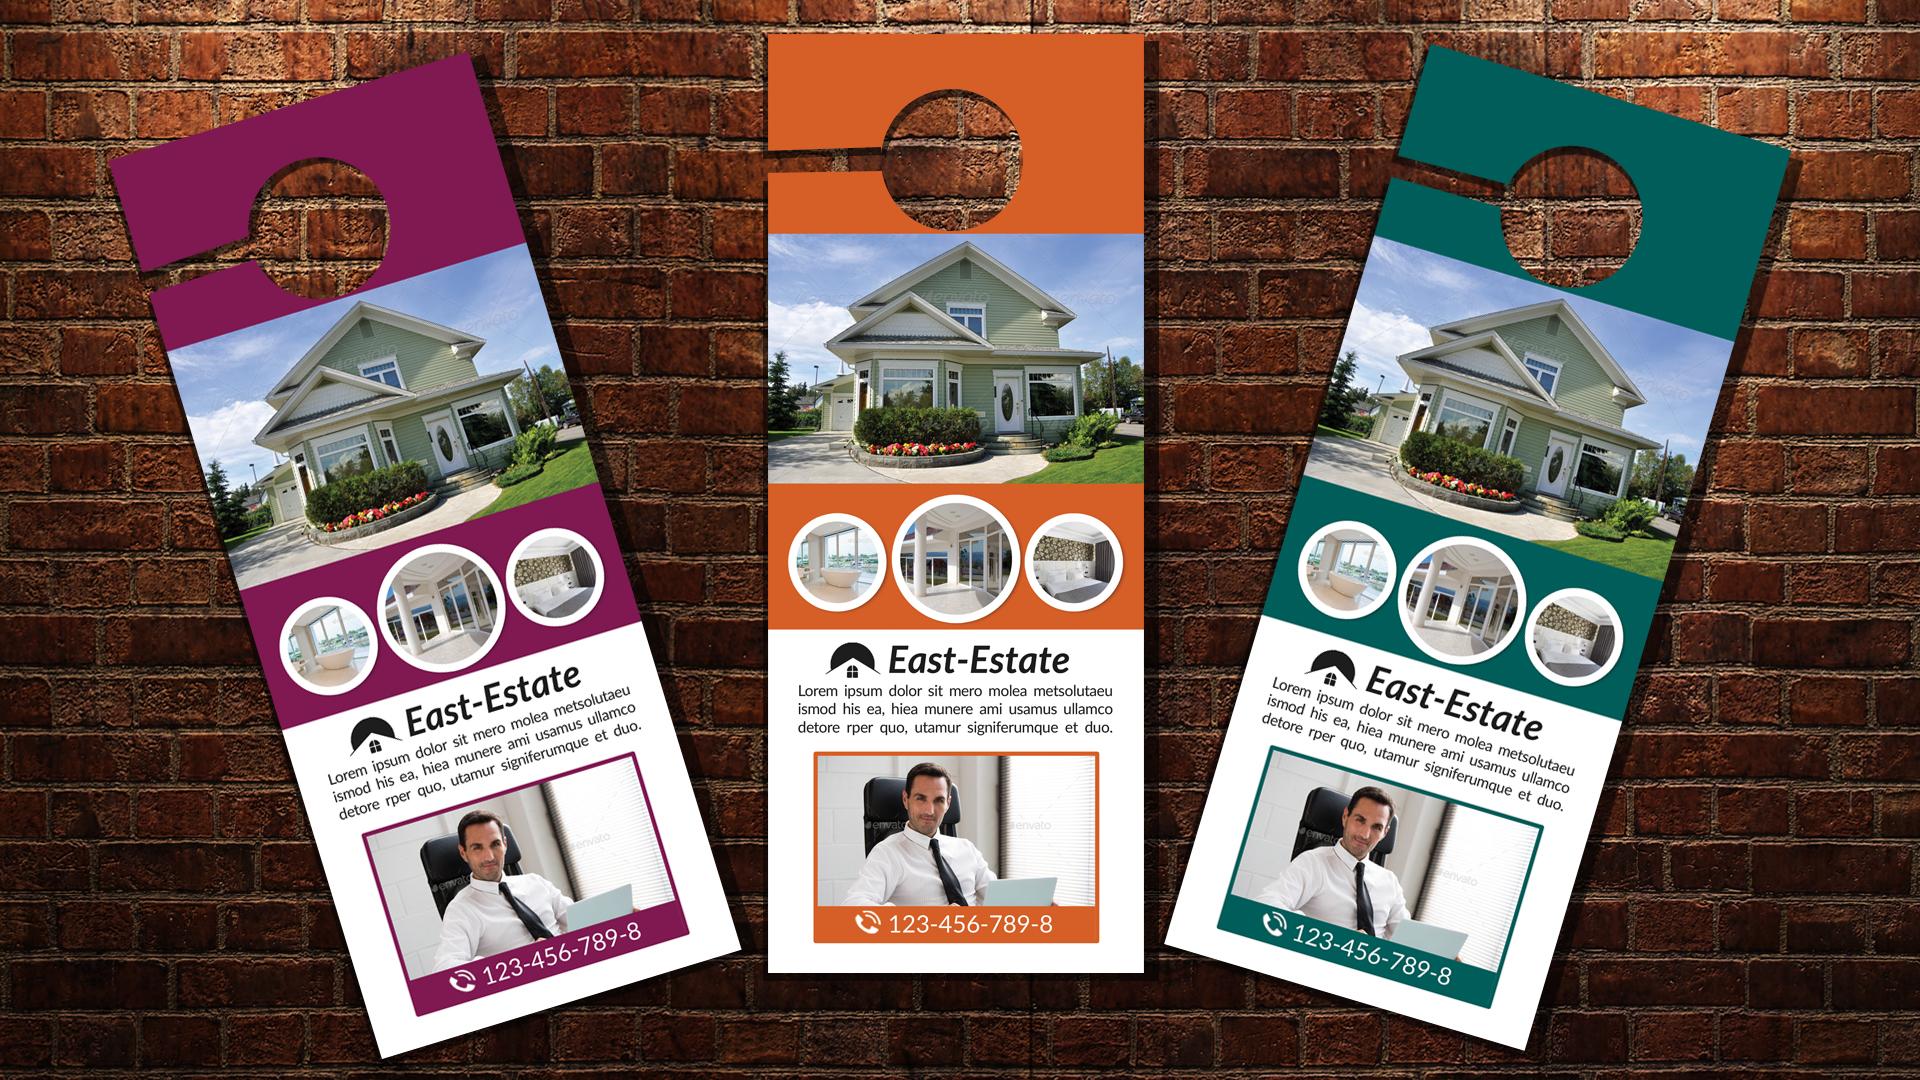 Real Estate Agency Door Hangers example image 3